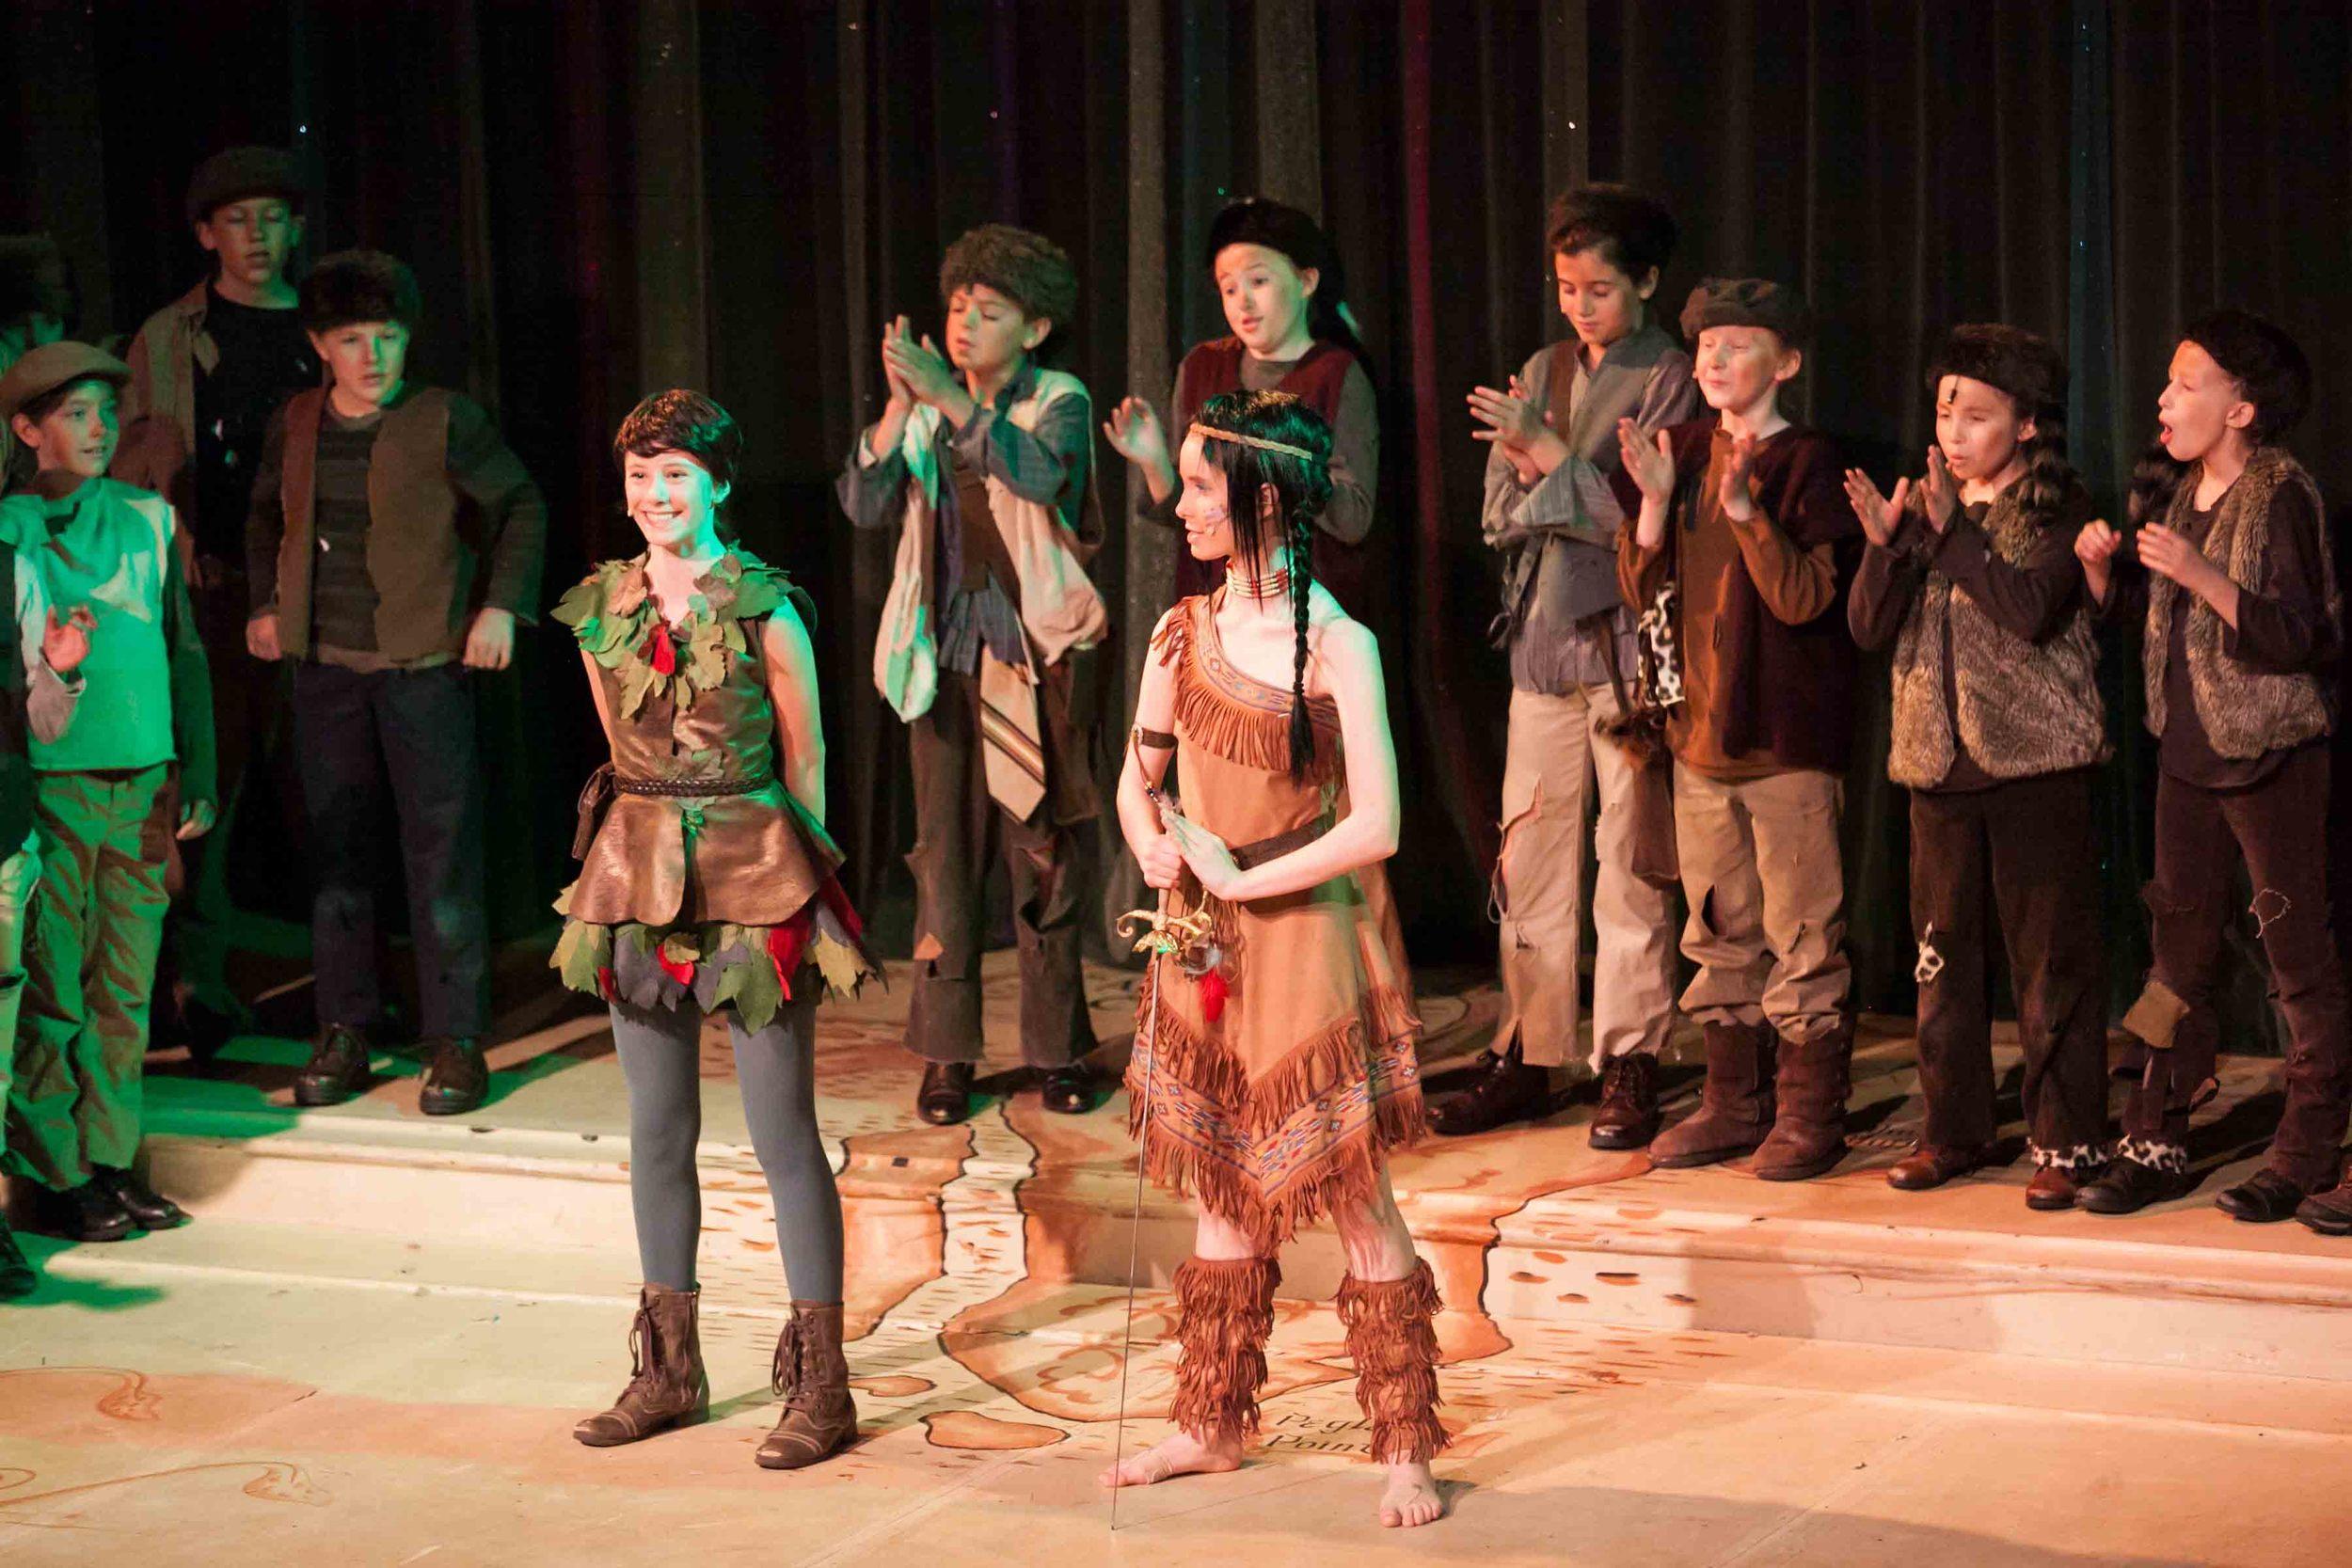 6-8-14 Peter Pan 0235.jpg